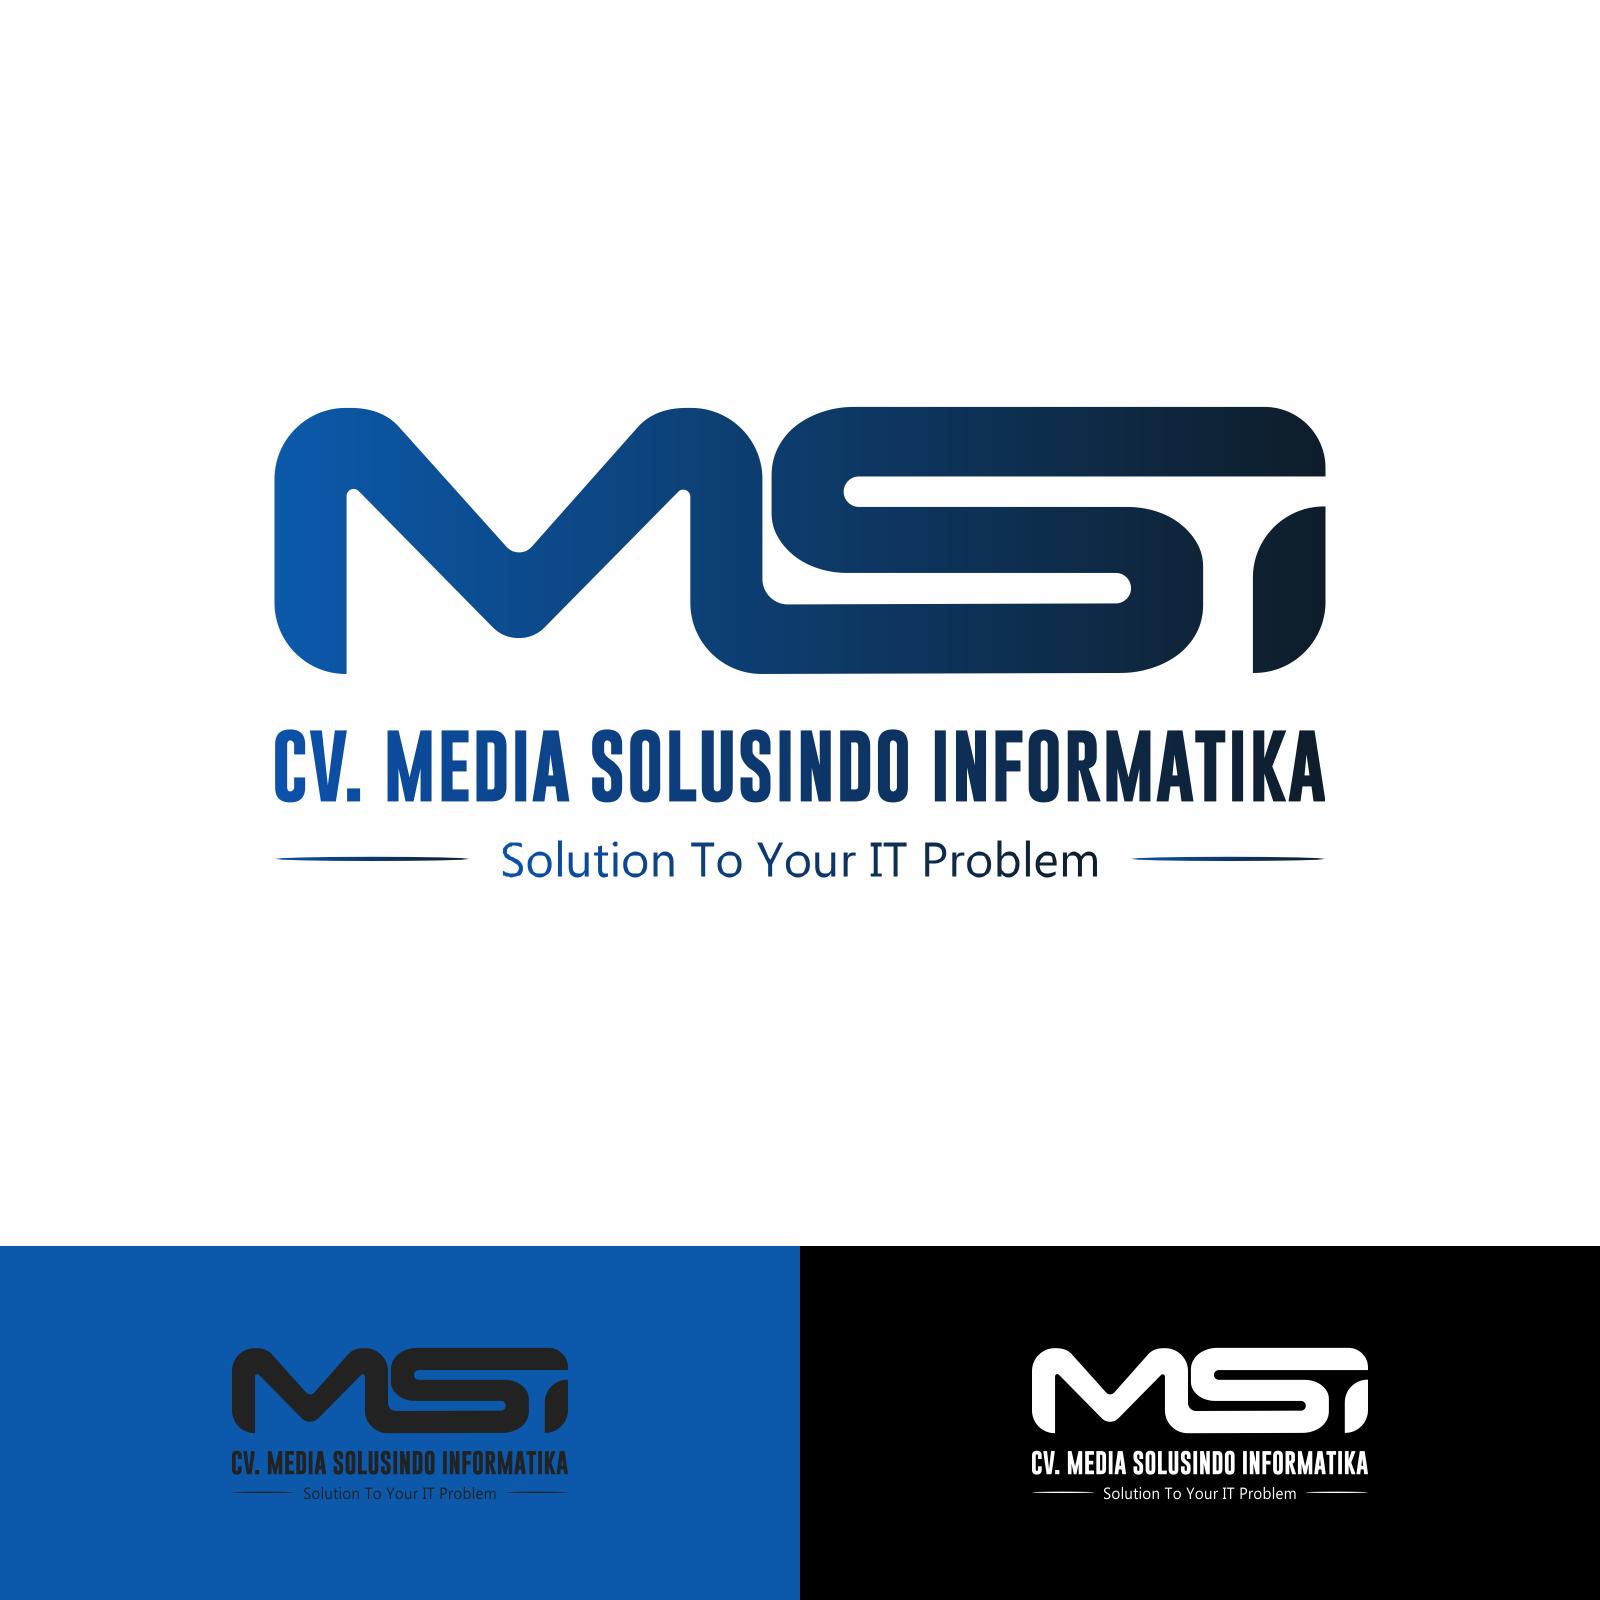 Download Gratis Contoh Banner Msi Full HD Lengkap